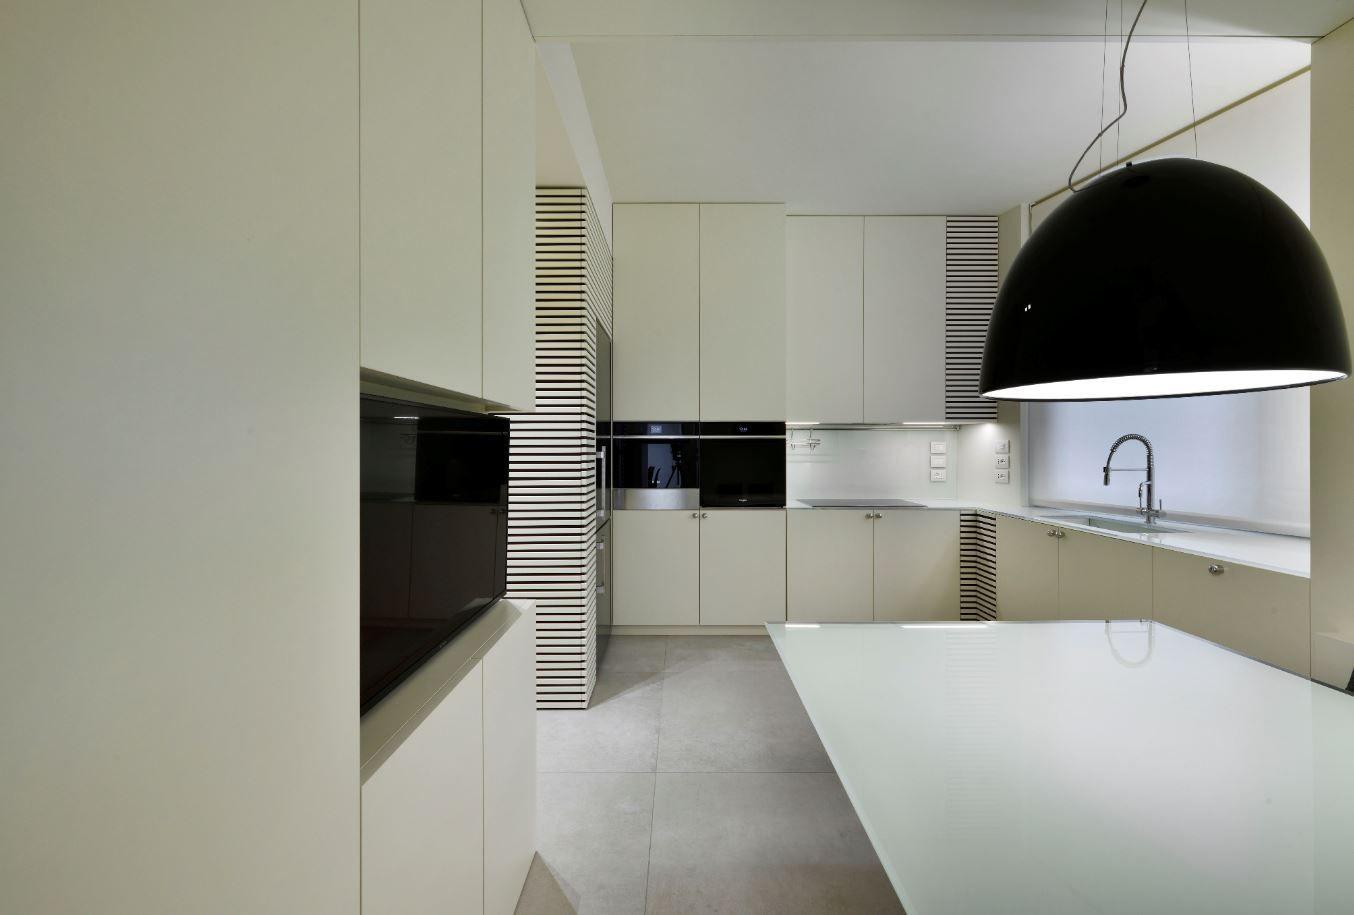 Appartamento Piazza Trento e Trieste - image 5